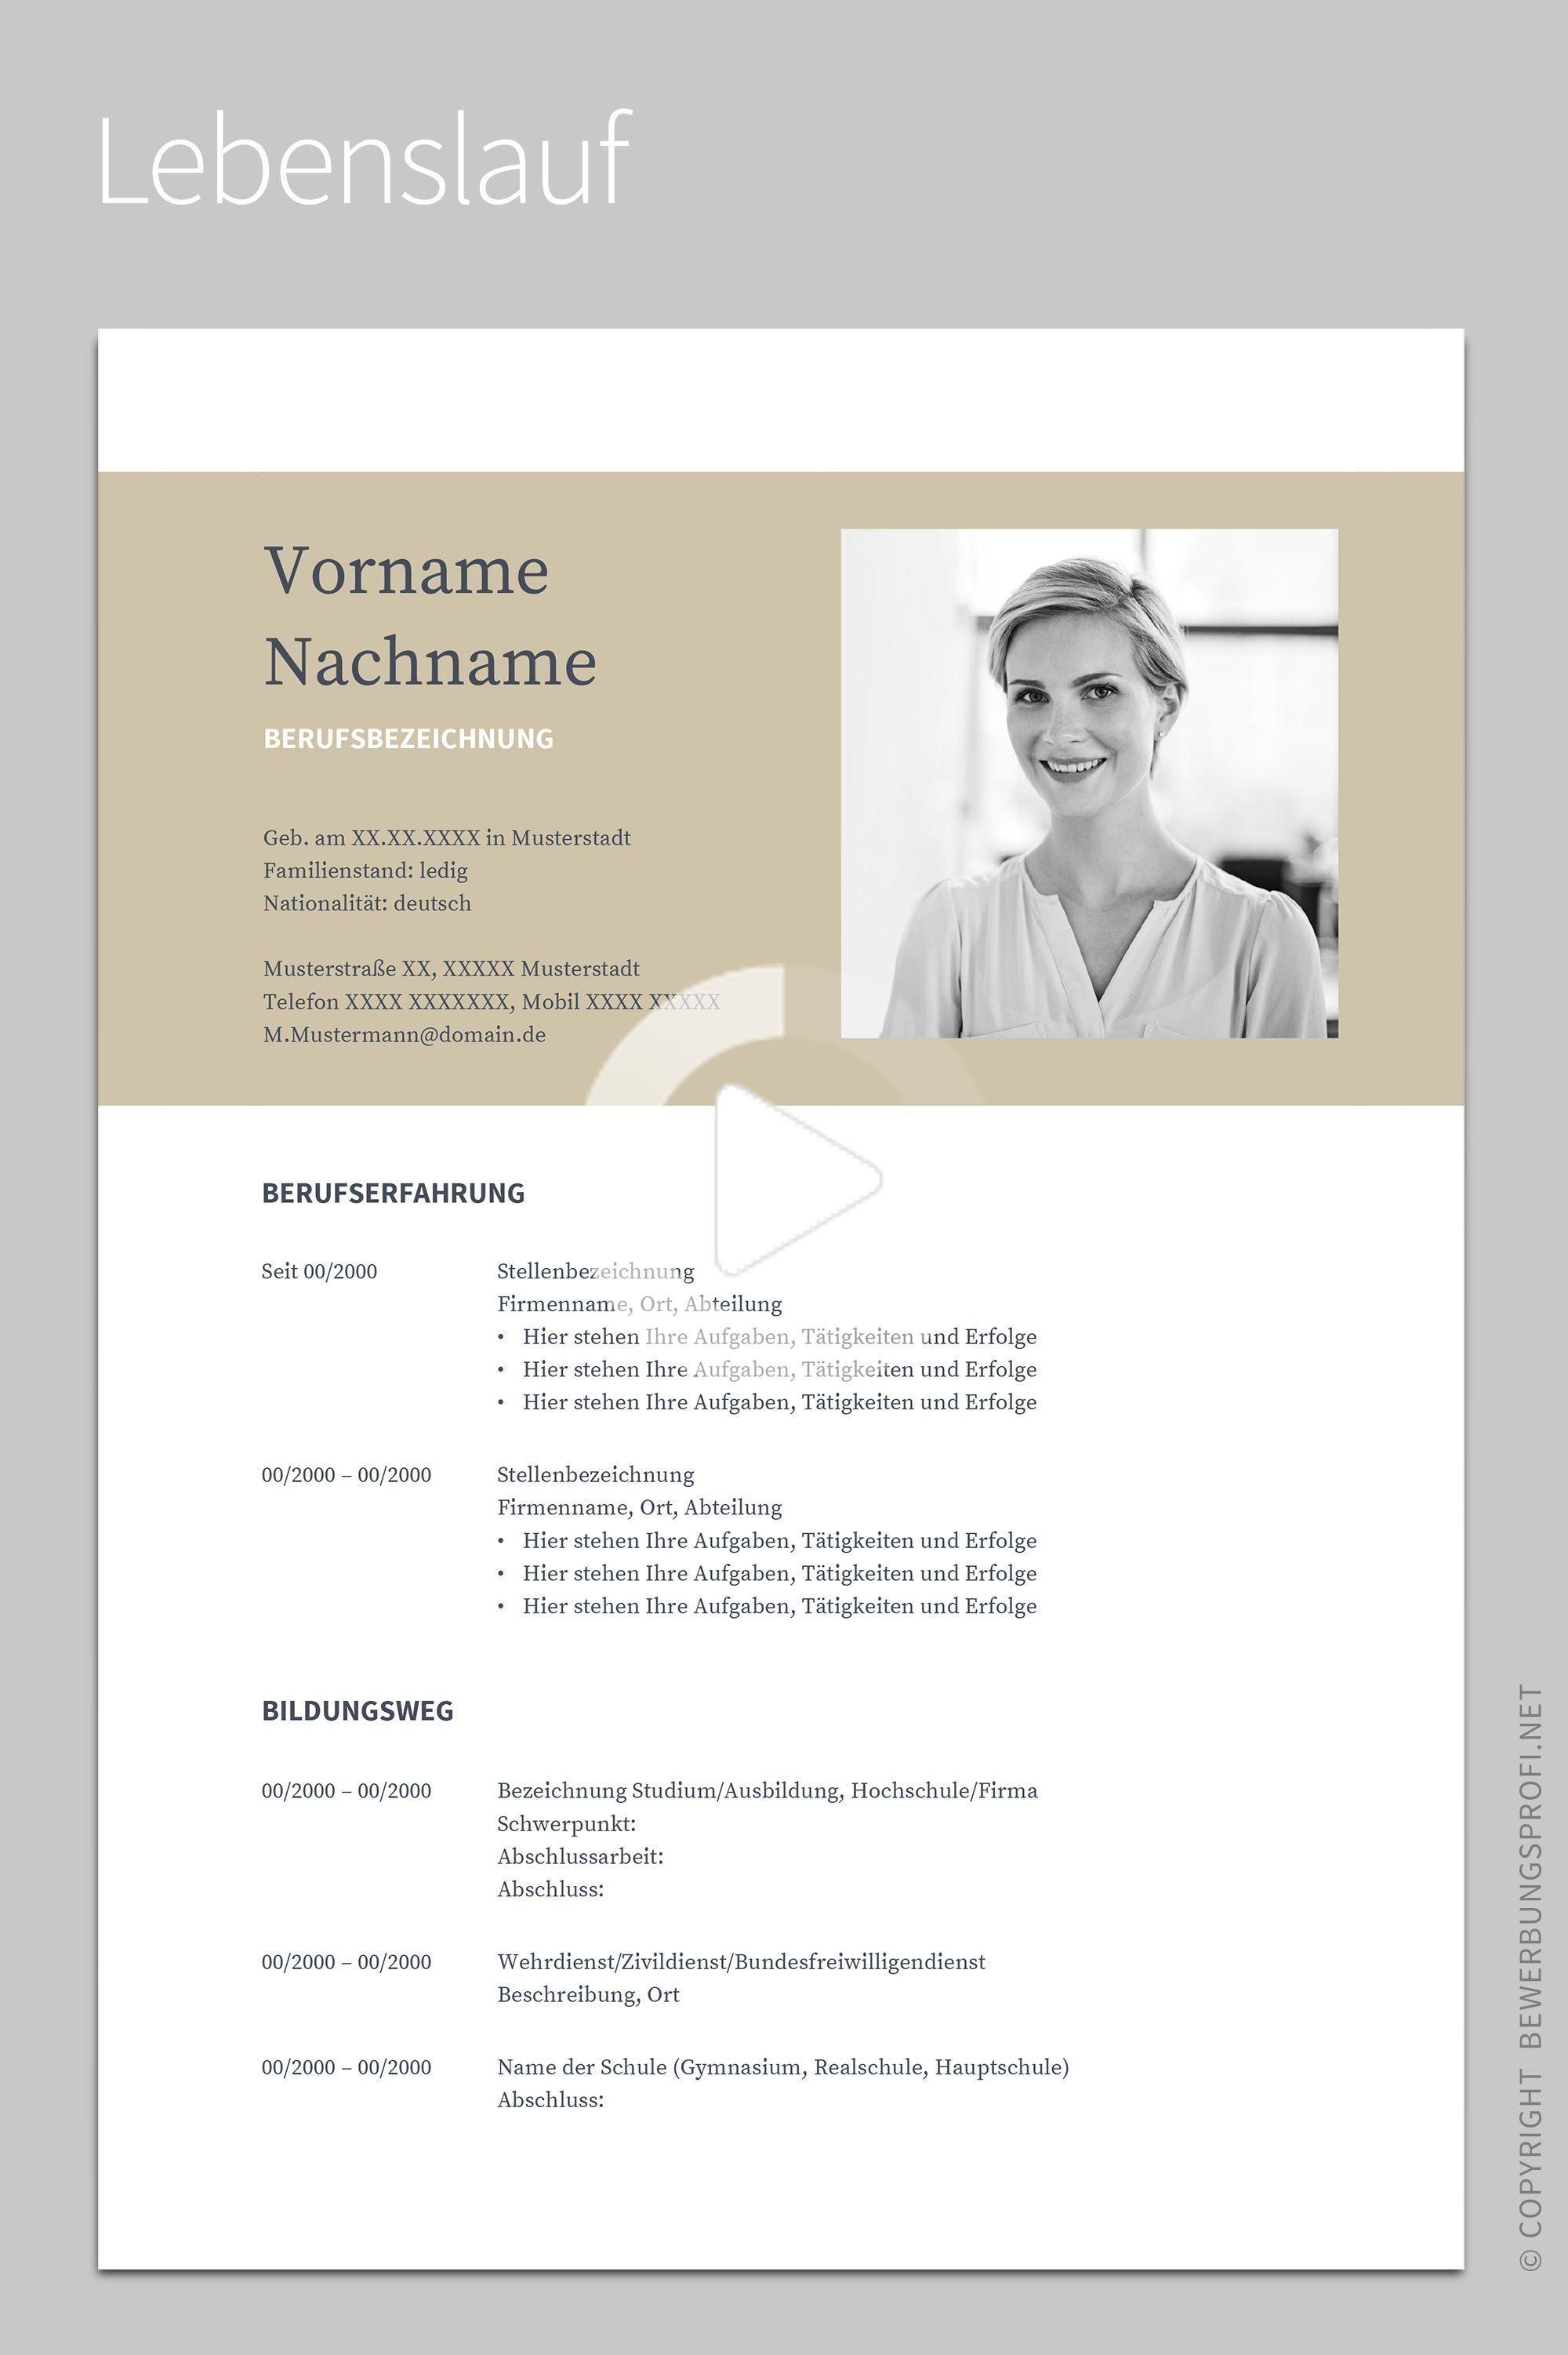 Bewerbung napea mit lebenslauf deutsch vorlage